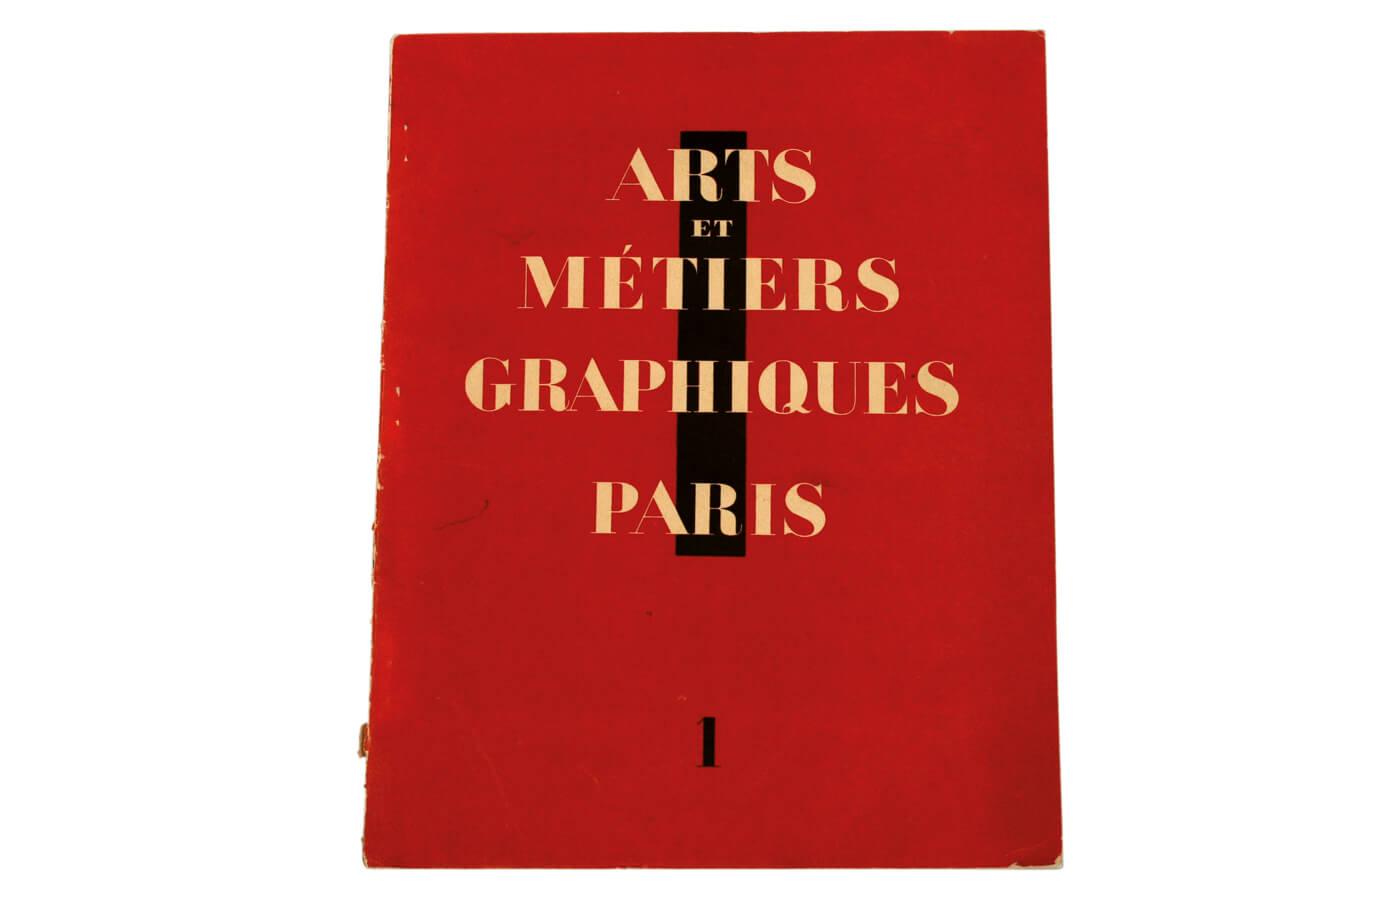 Arts & Métiers Graphiques #1